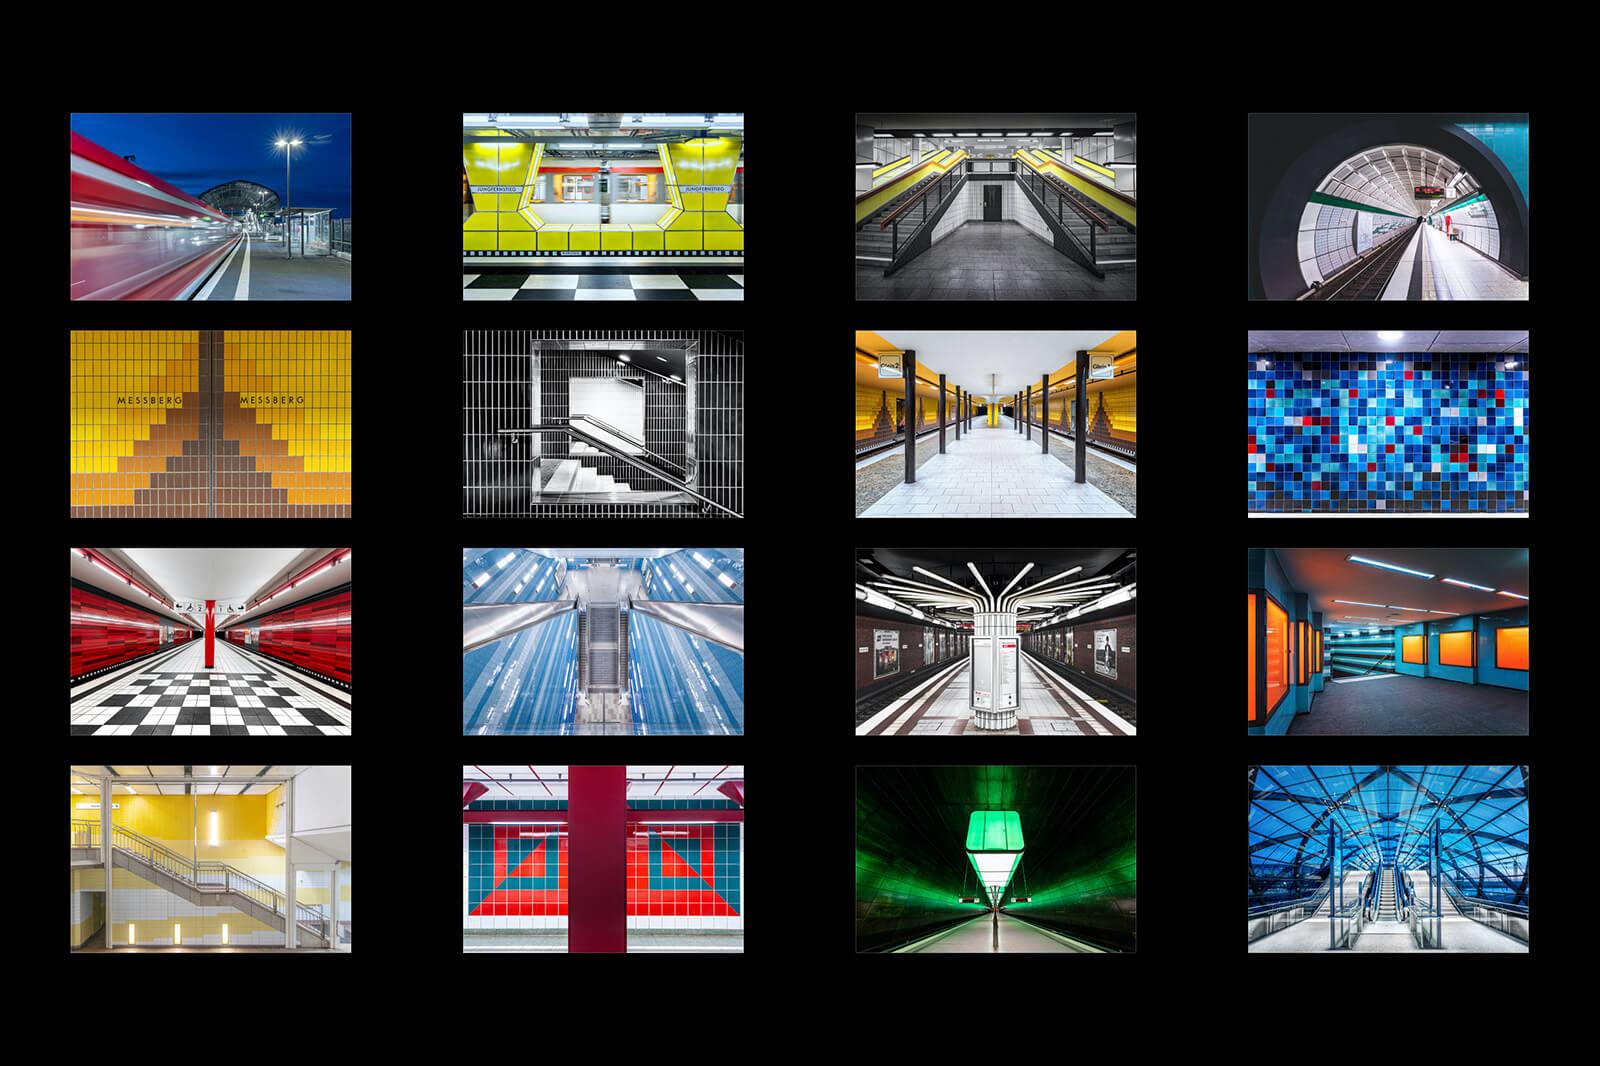 Freie Arbeit: Hamburgs Unterwelt fotografieren mit dem Fotograf Florian Läufer